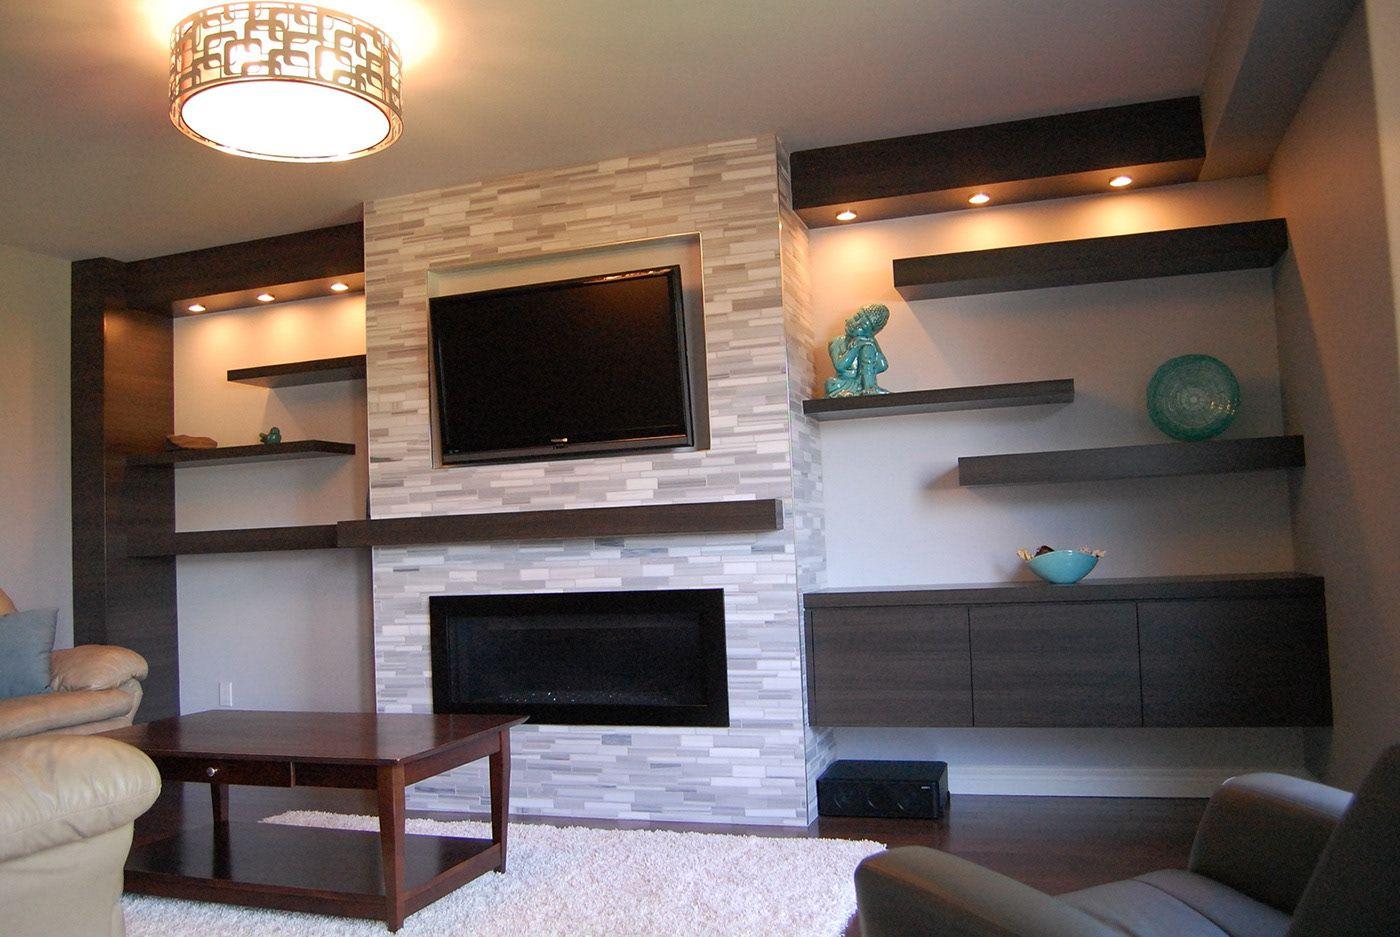 Wall Cladding Design Wall Mounted Fireplace Fireplace Tv Wall